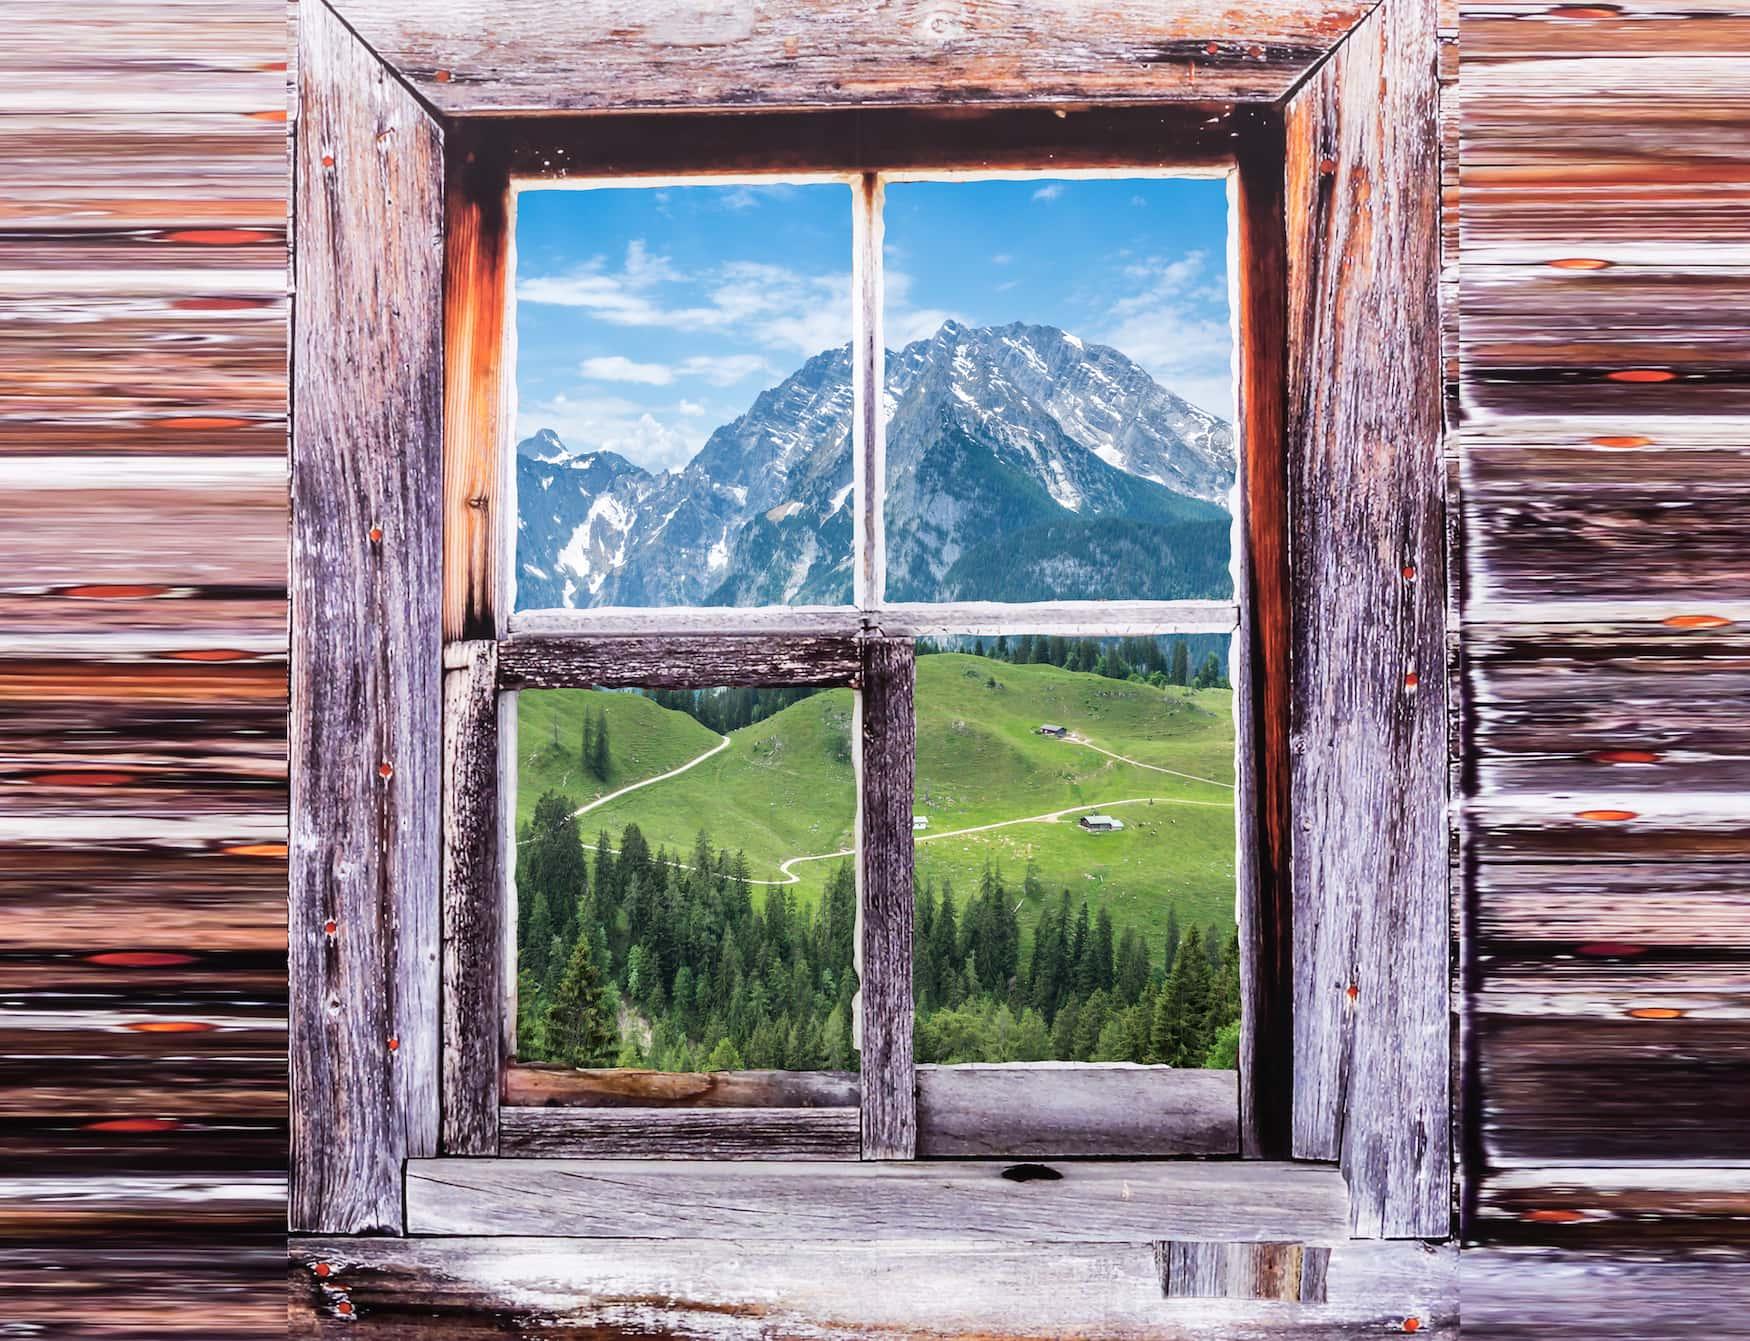 Blick auf den Watzmann von einer Berghütte aus